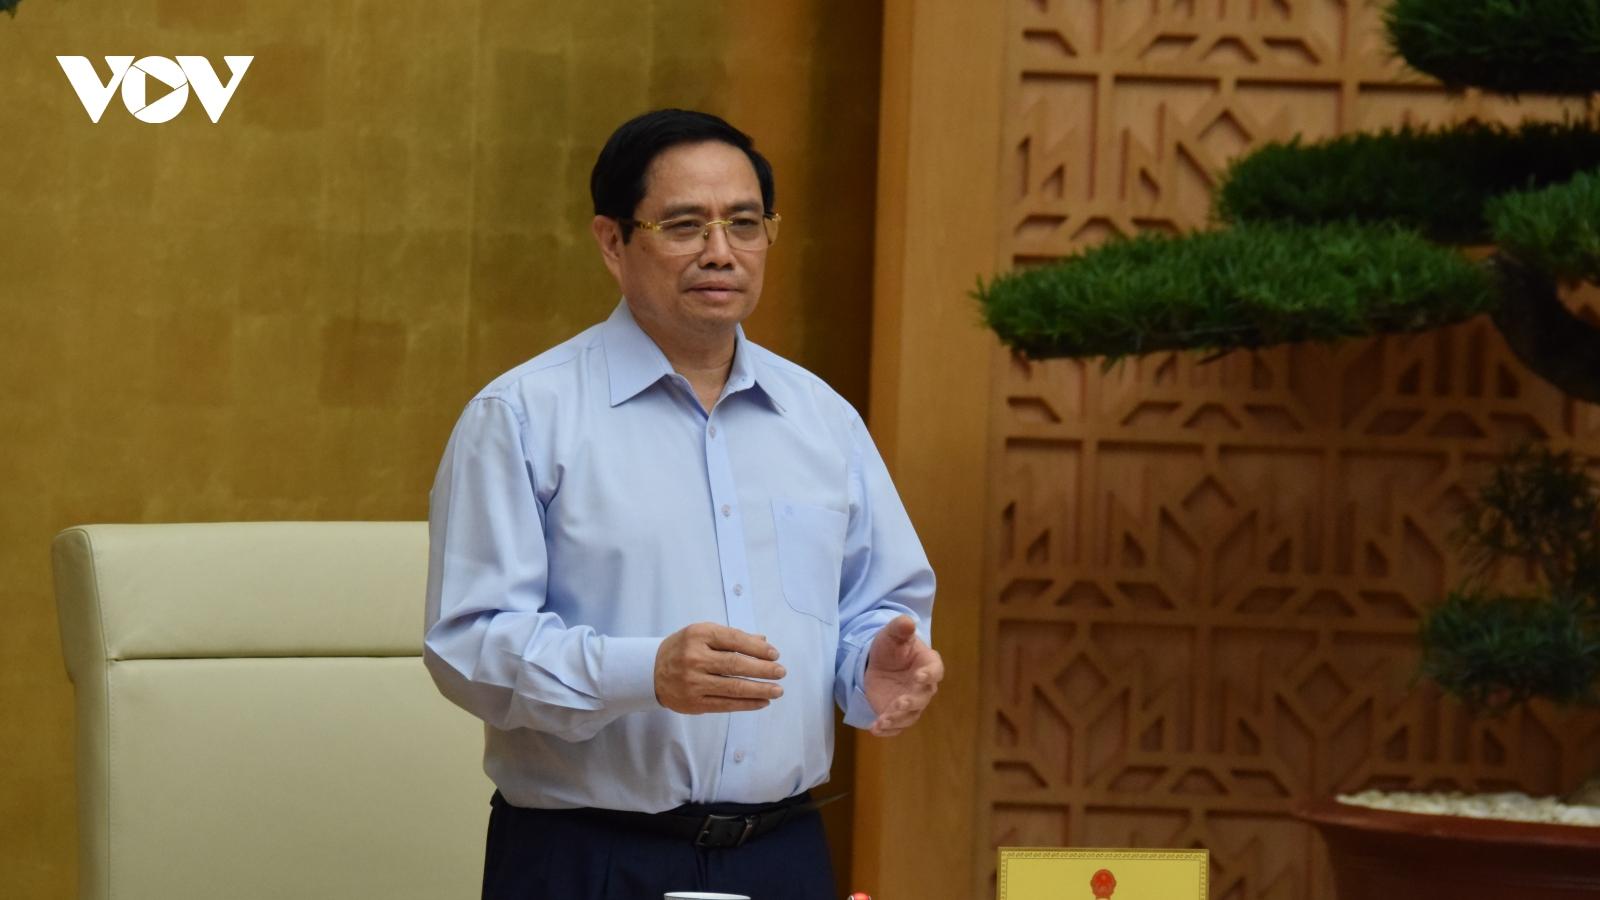 Thủ tướng: Tháo gỡ vướng mắc, thúc đẩy nhanh sản xuất vaccine trong nước